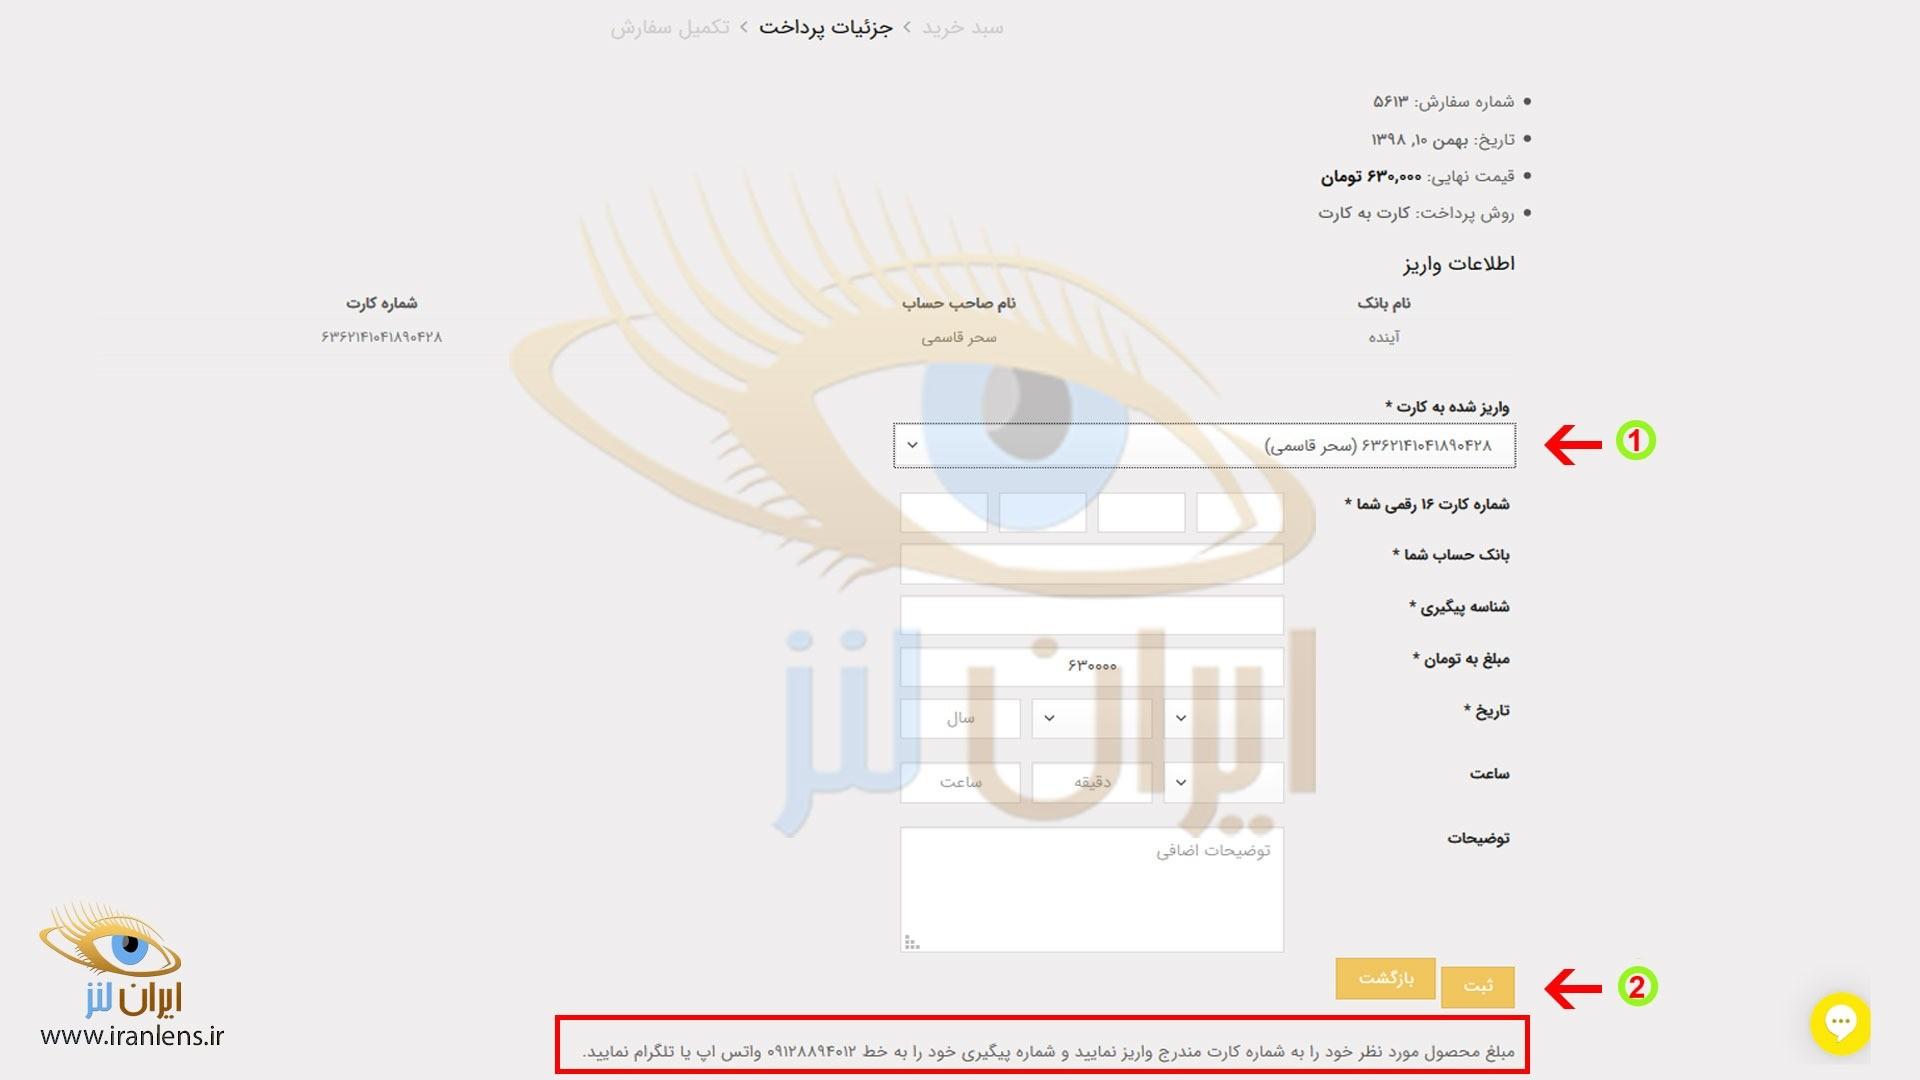 آموزش پرداخت کارت به کارت در سایت ایران لنز